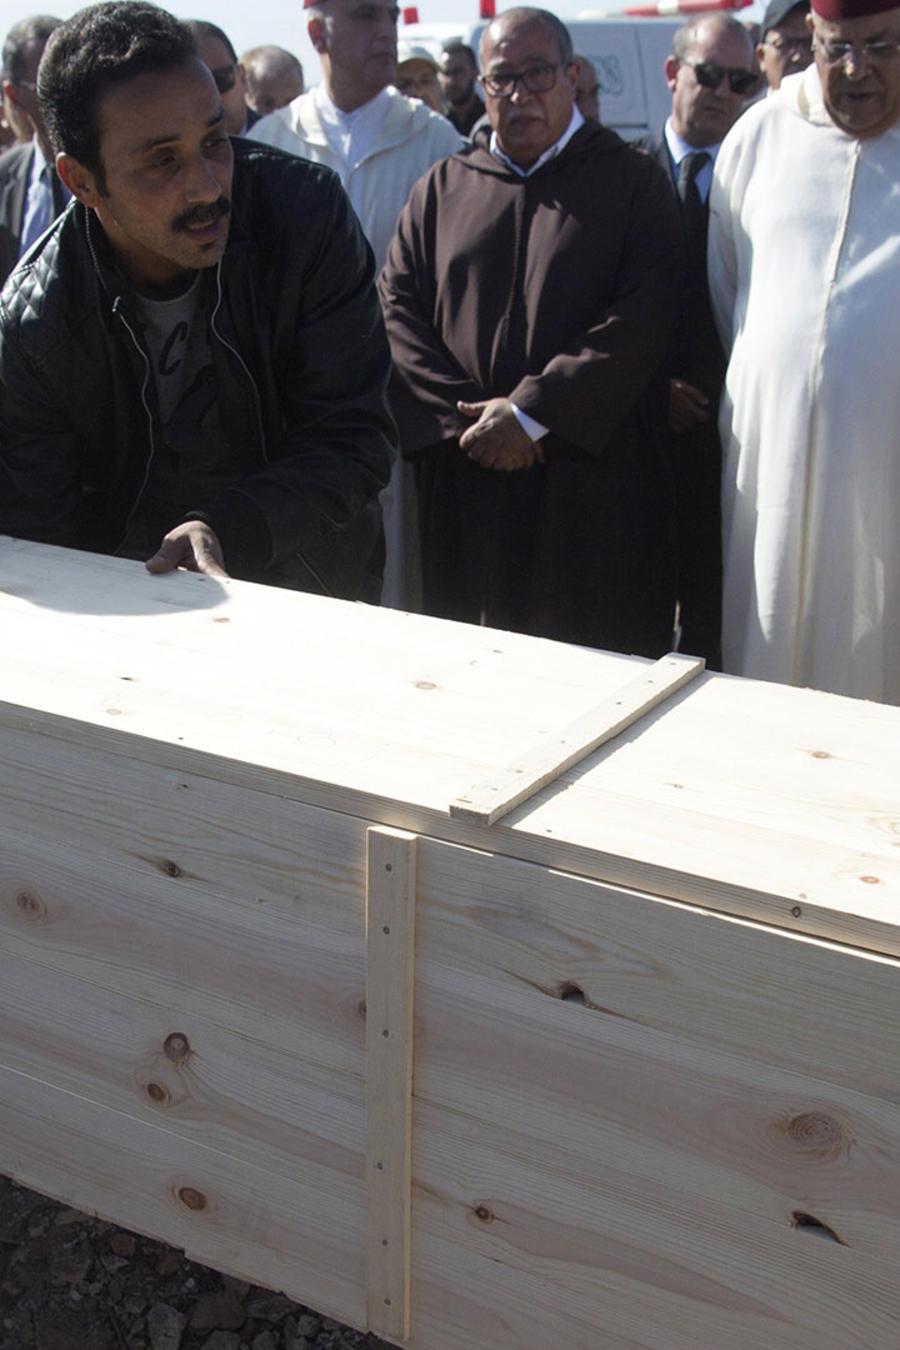 Funeral de las víctimas de la avalancha humana en una localidad al sur de Marruecos